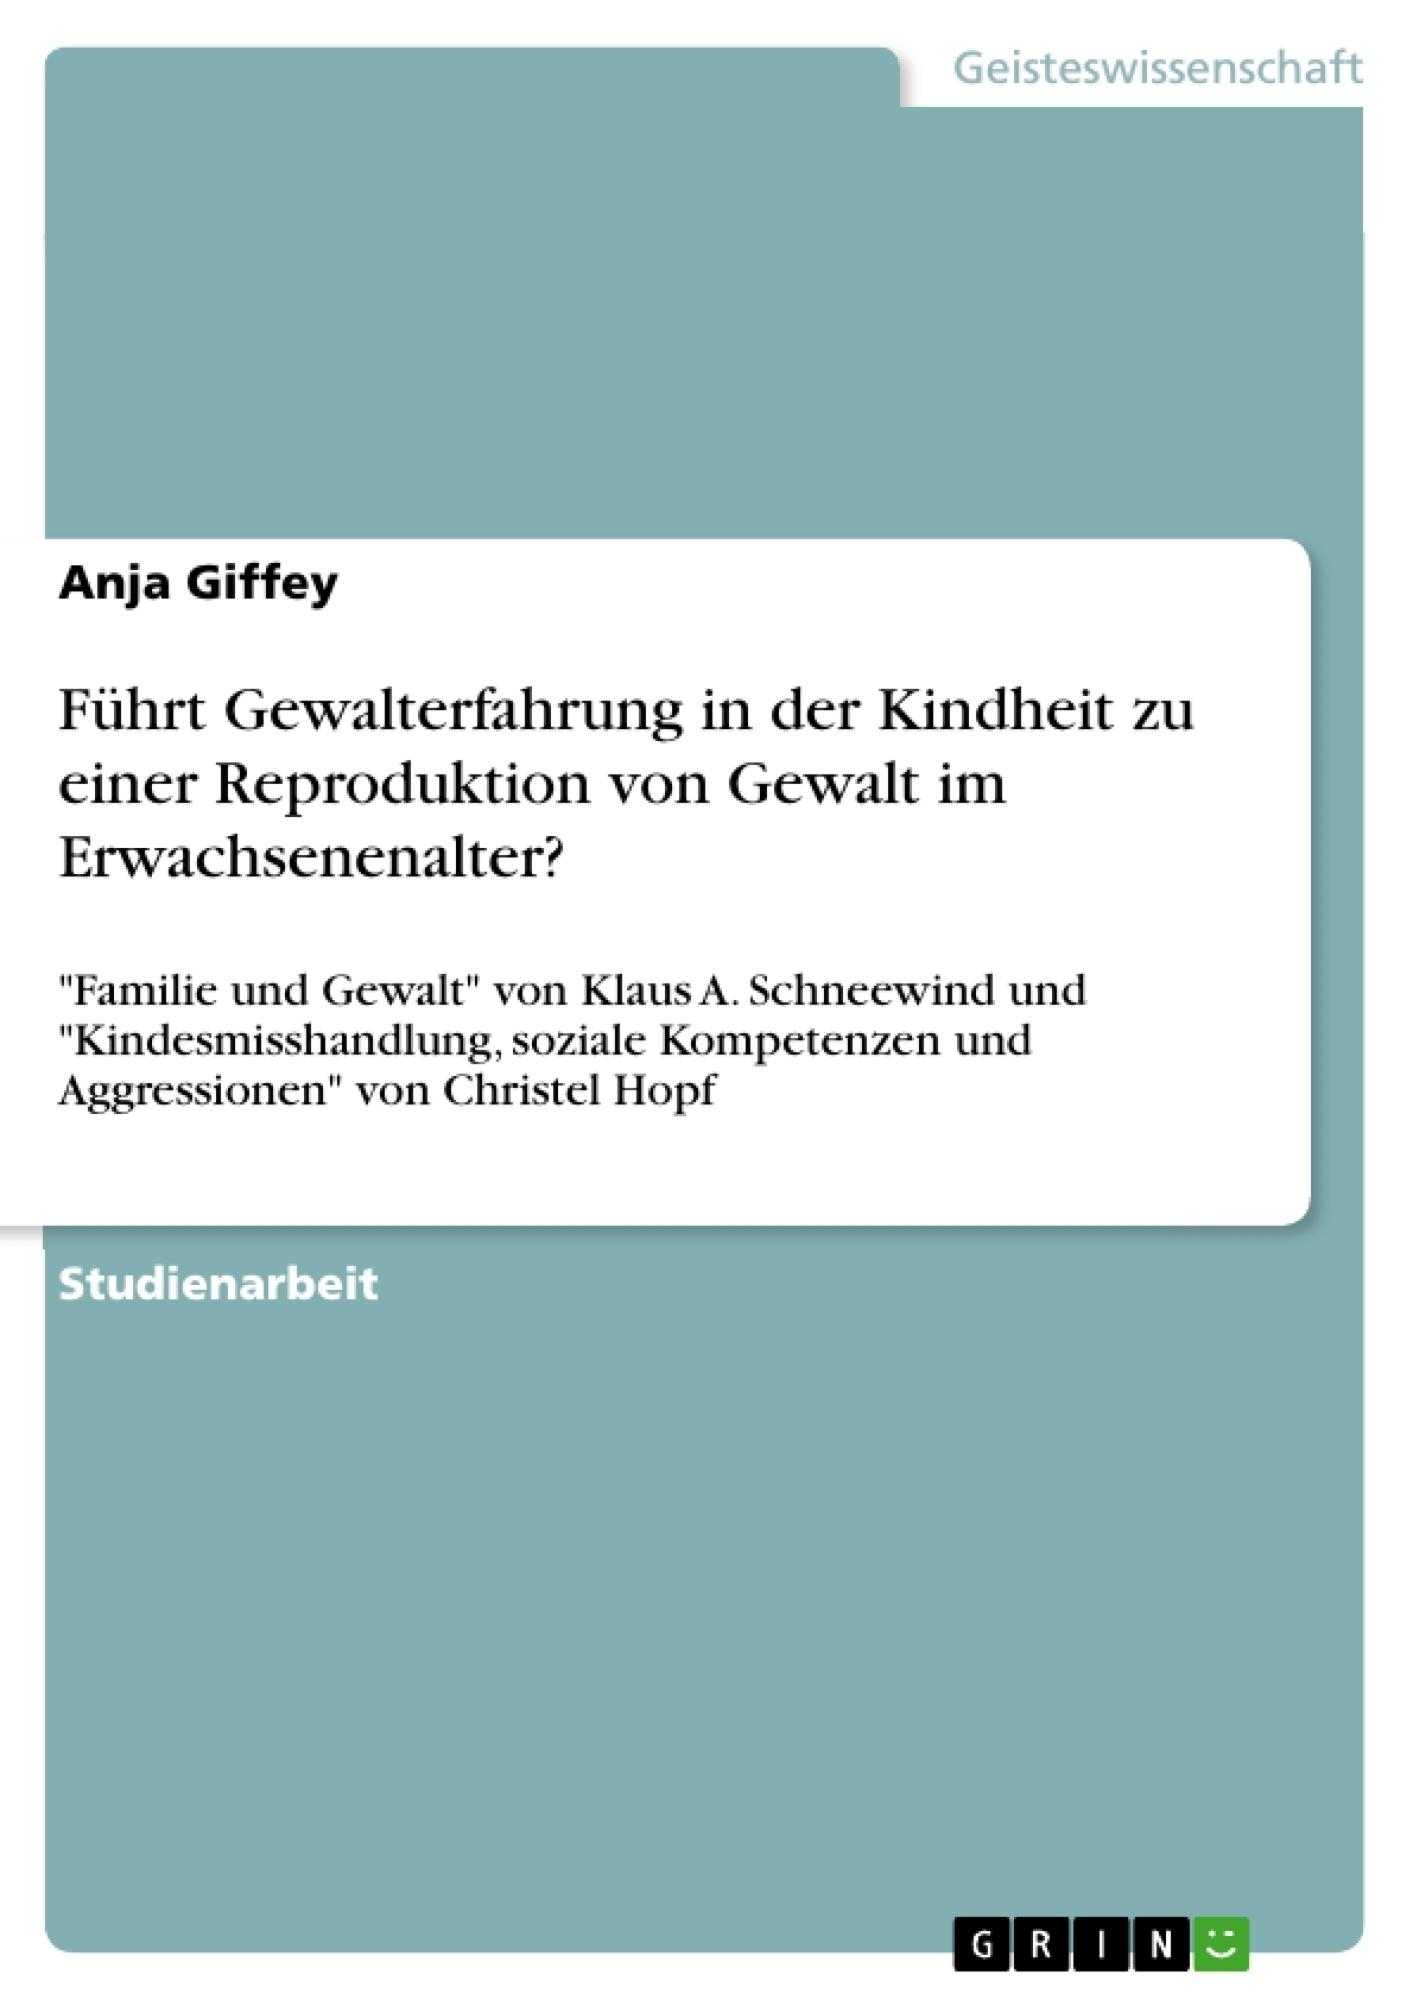 Titel: Führt Gewalterfahrung in der Kindheit zu einer Reproduktion von Gewalt im Erwachsenenalter?